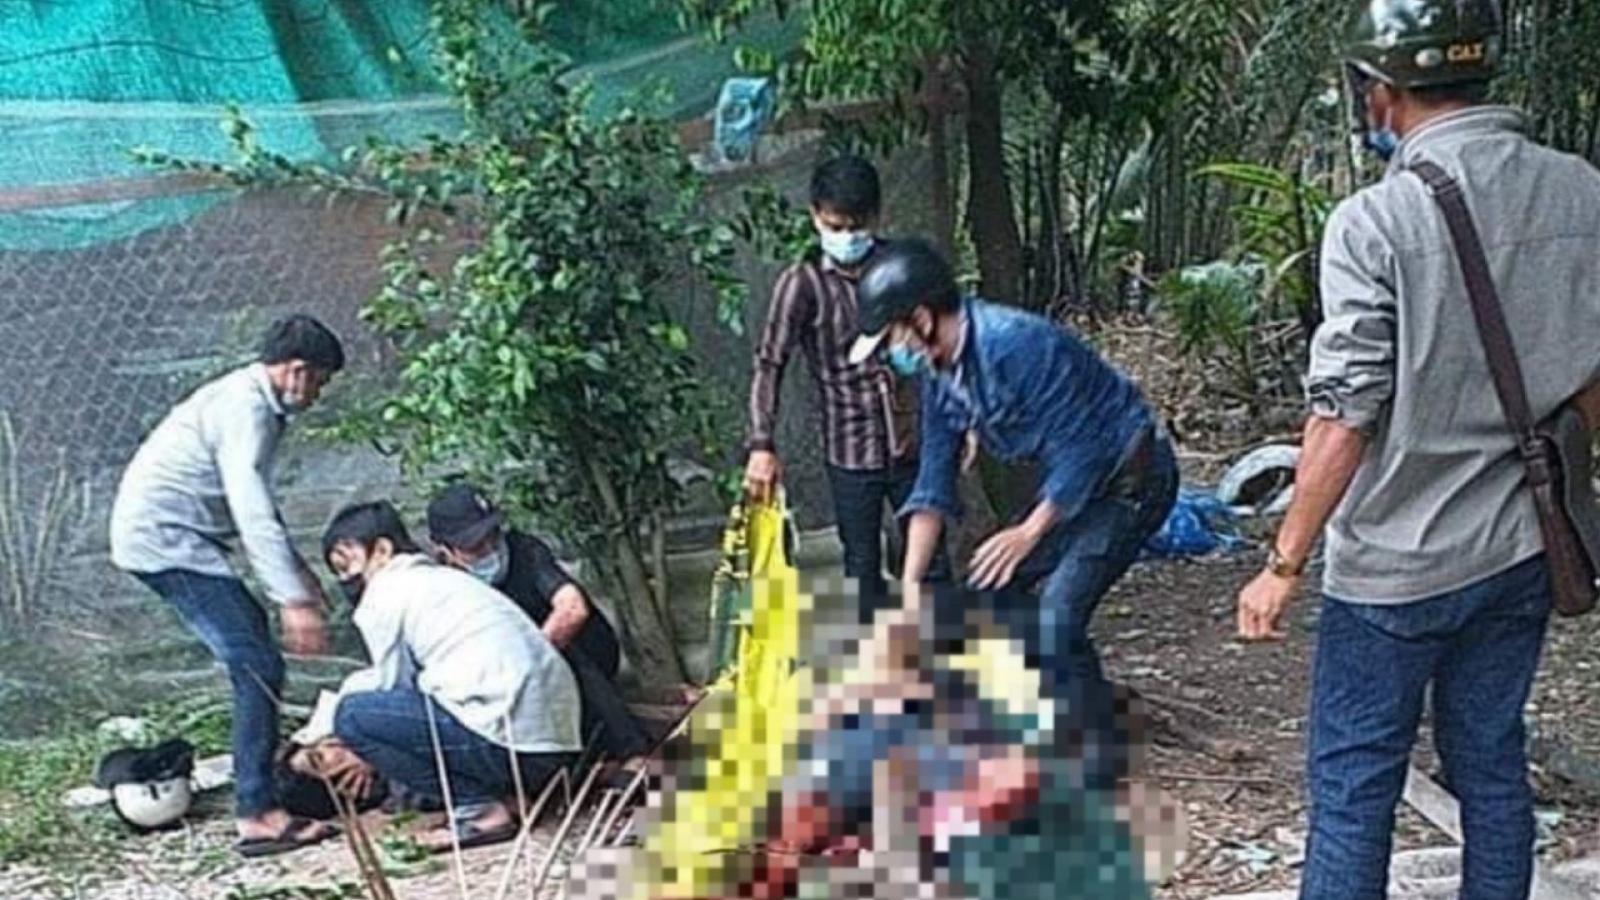 Bắt tạm giam 7 đối tượng tham gia hỗn chiến khiến 2 người chết ở Long An